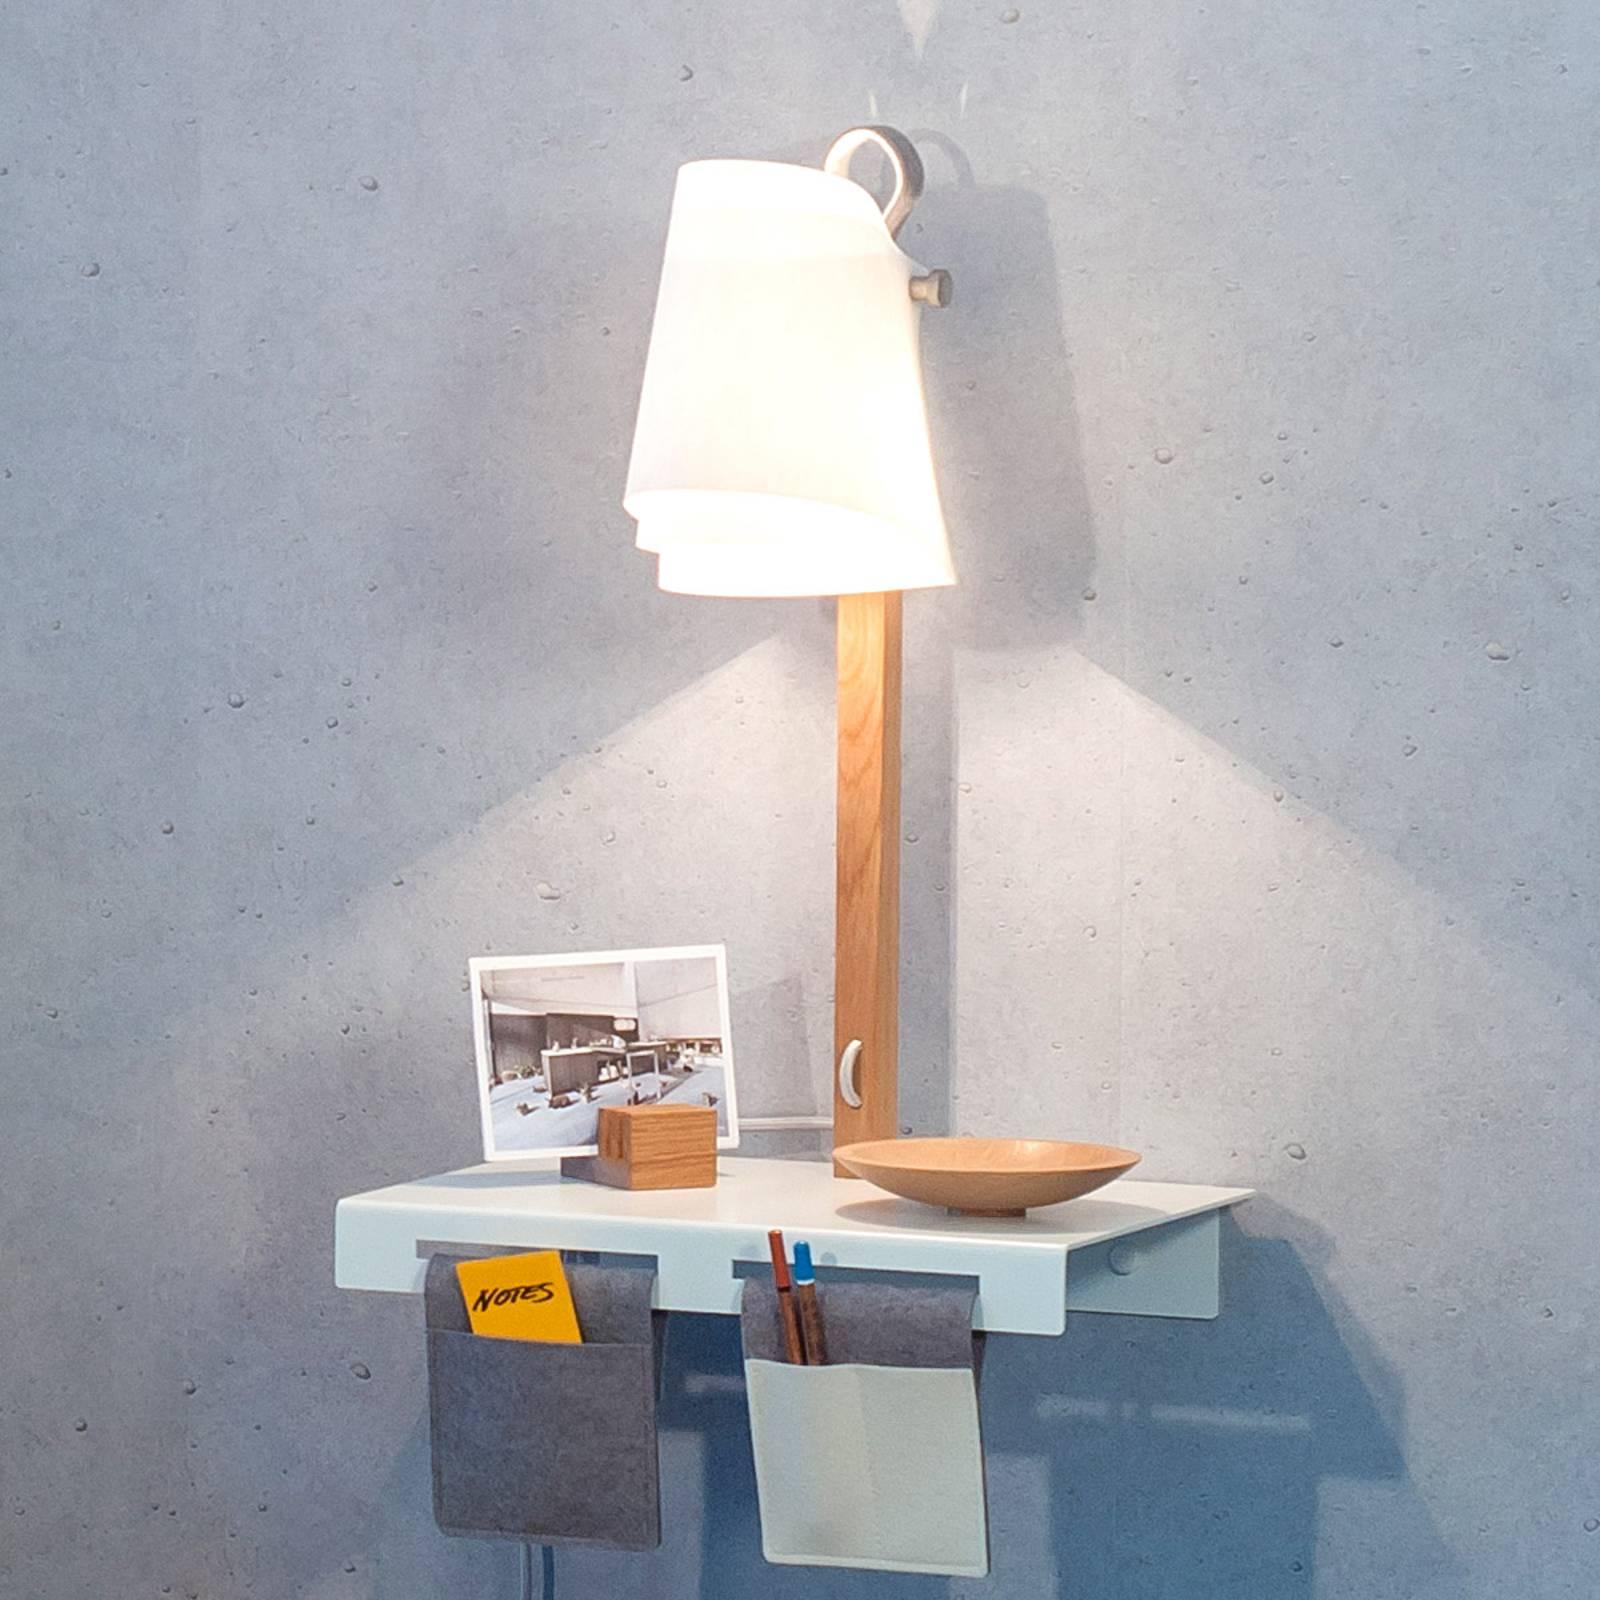 Wandlamp Fläks met legbord